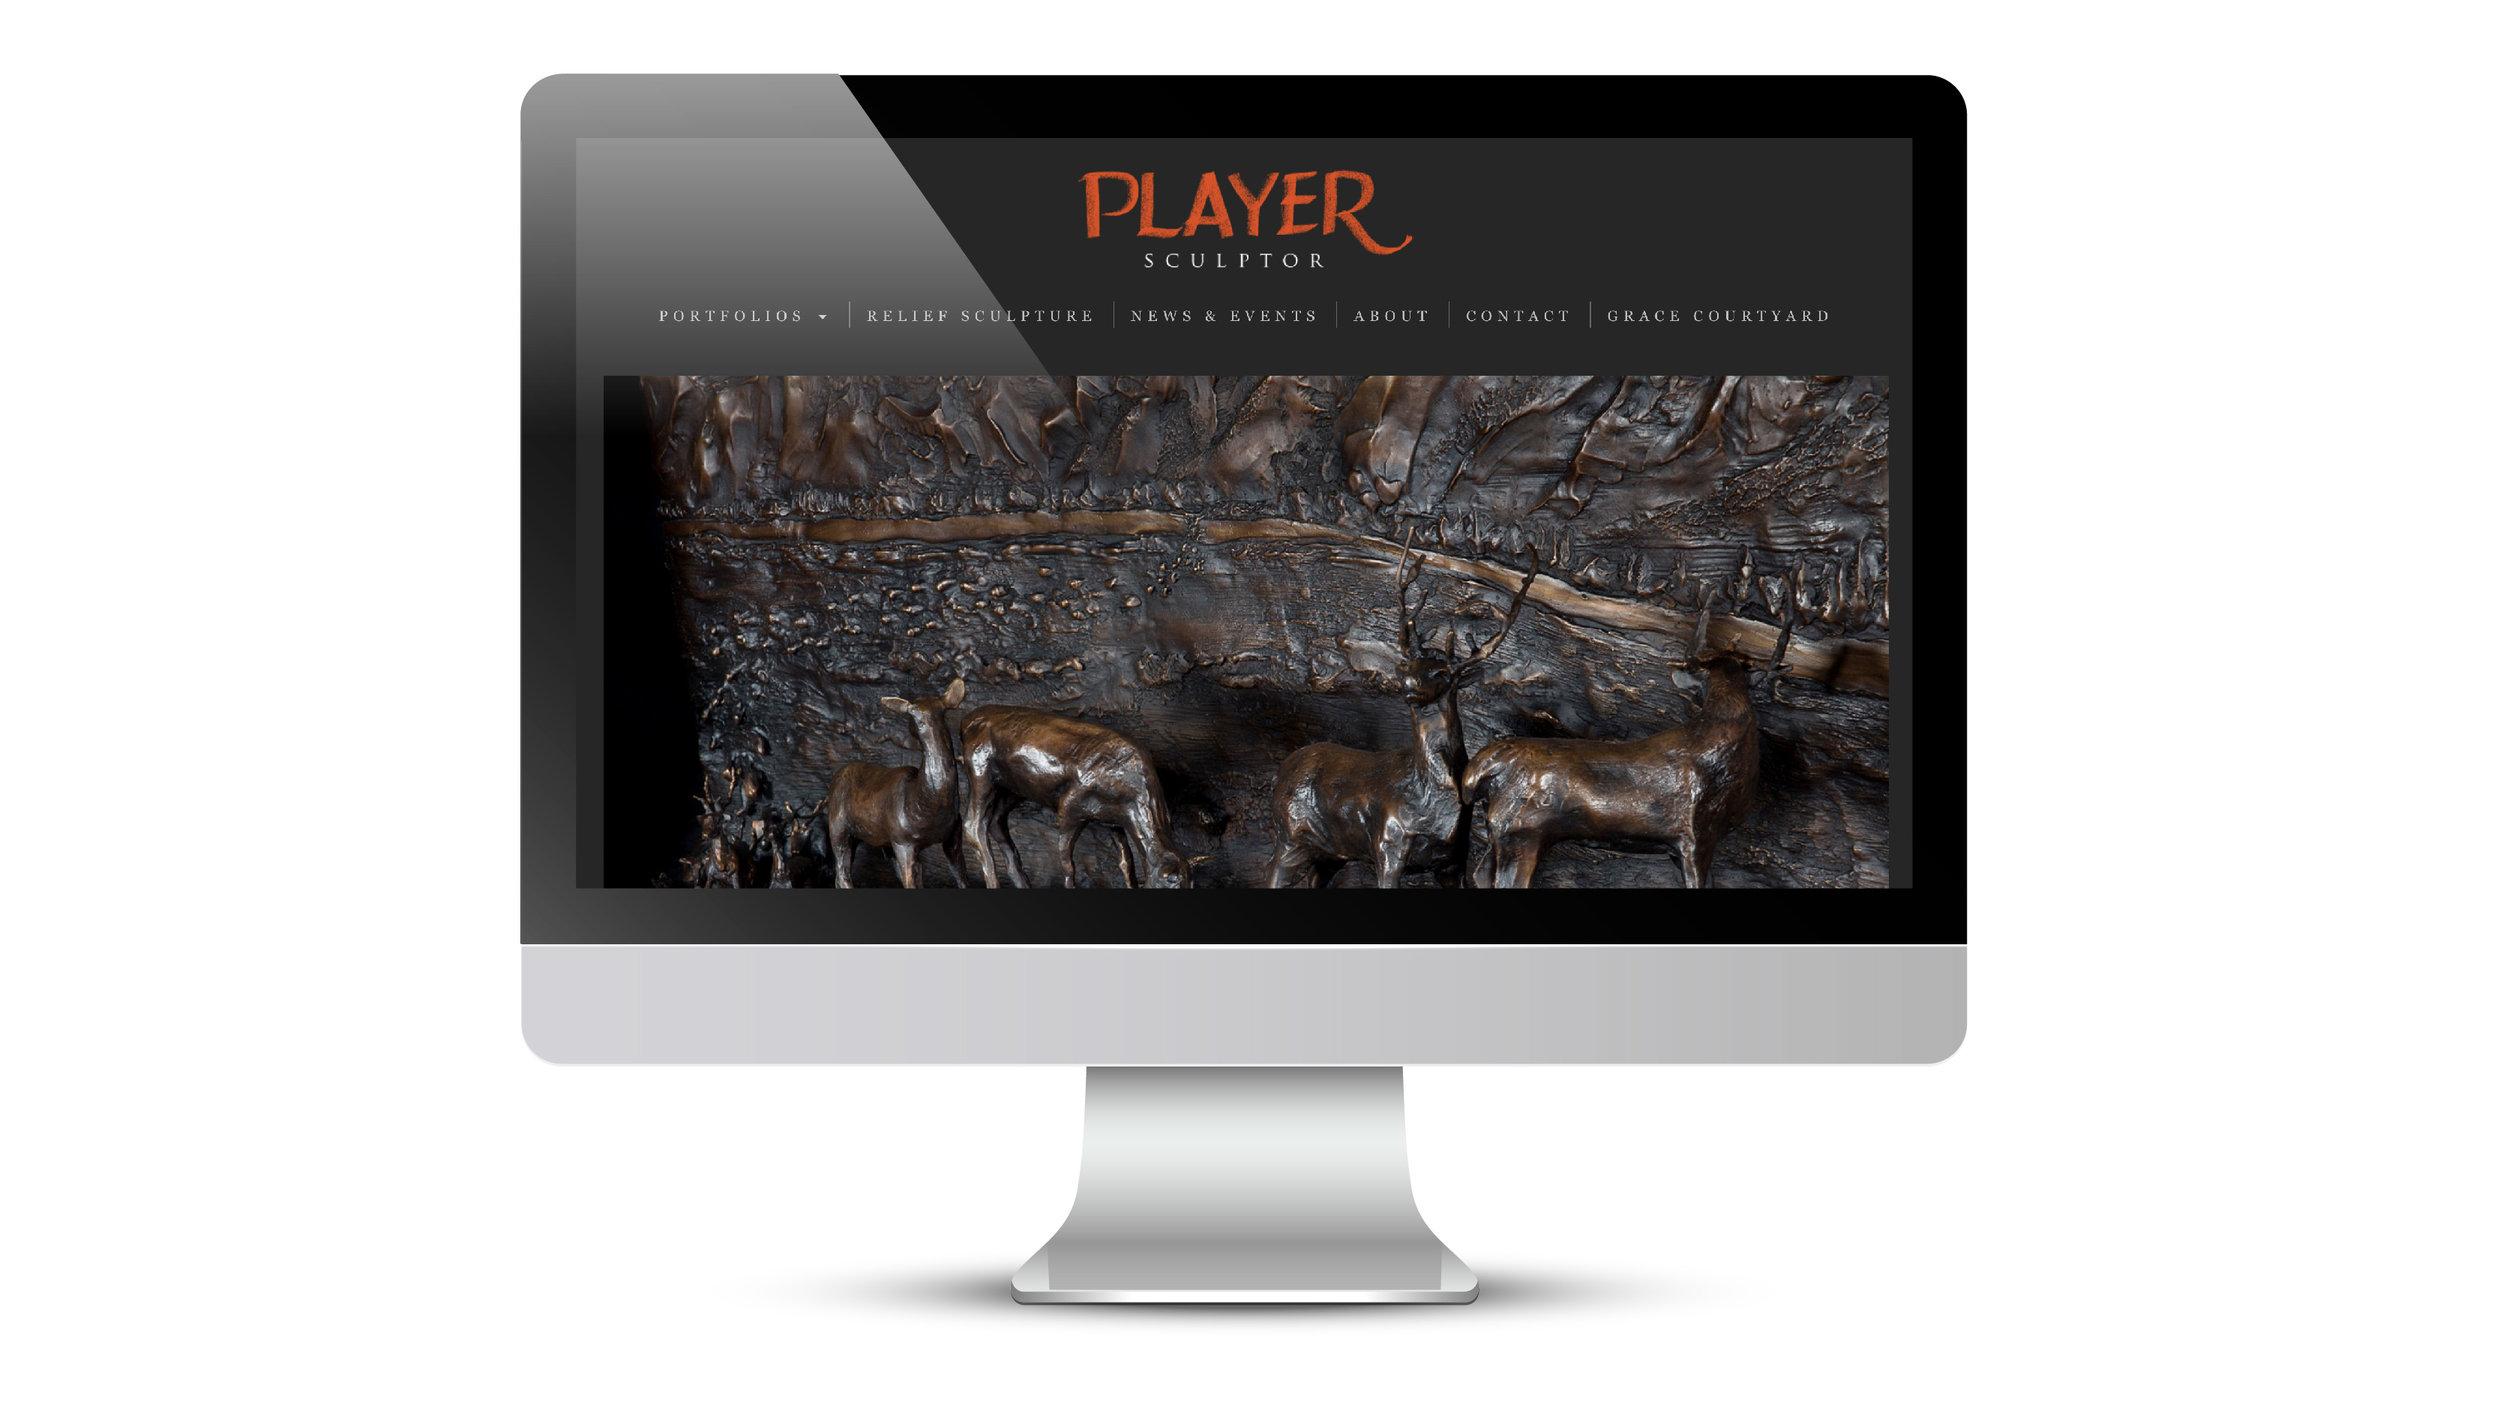 PlayerBronze-02.jpg